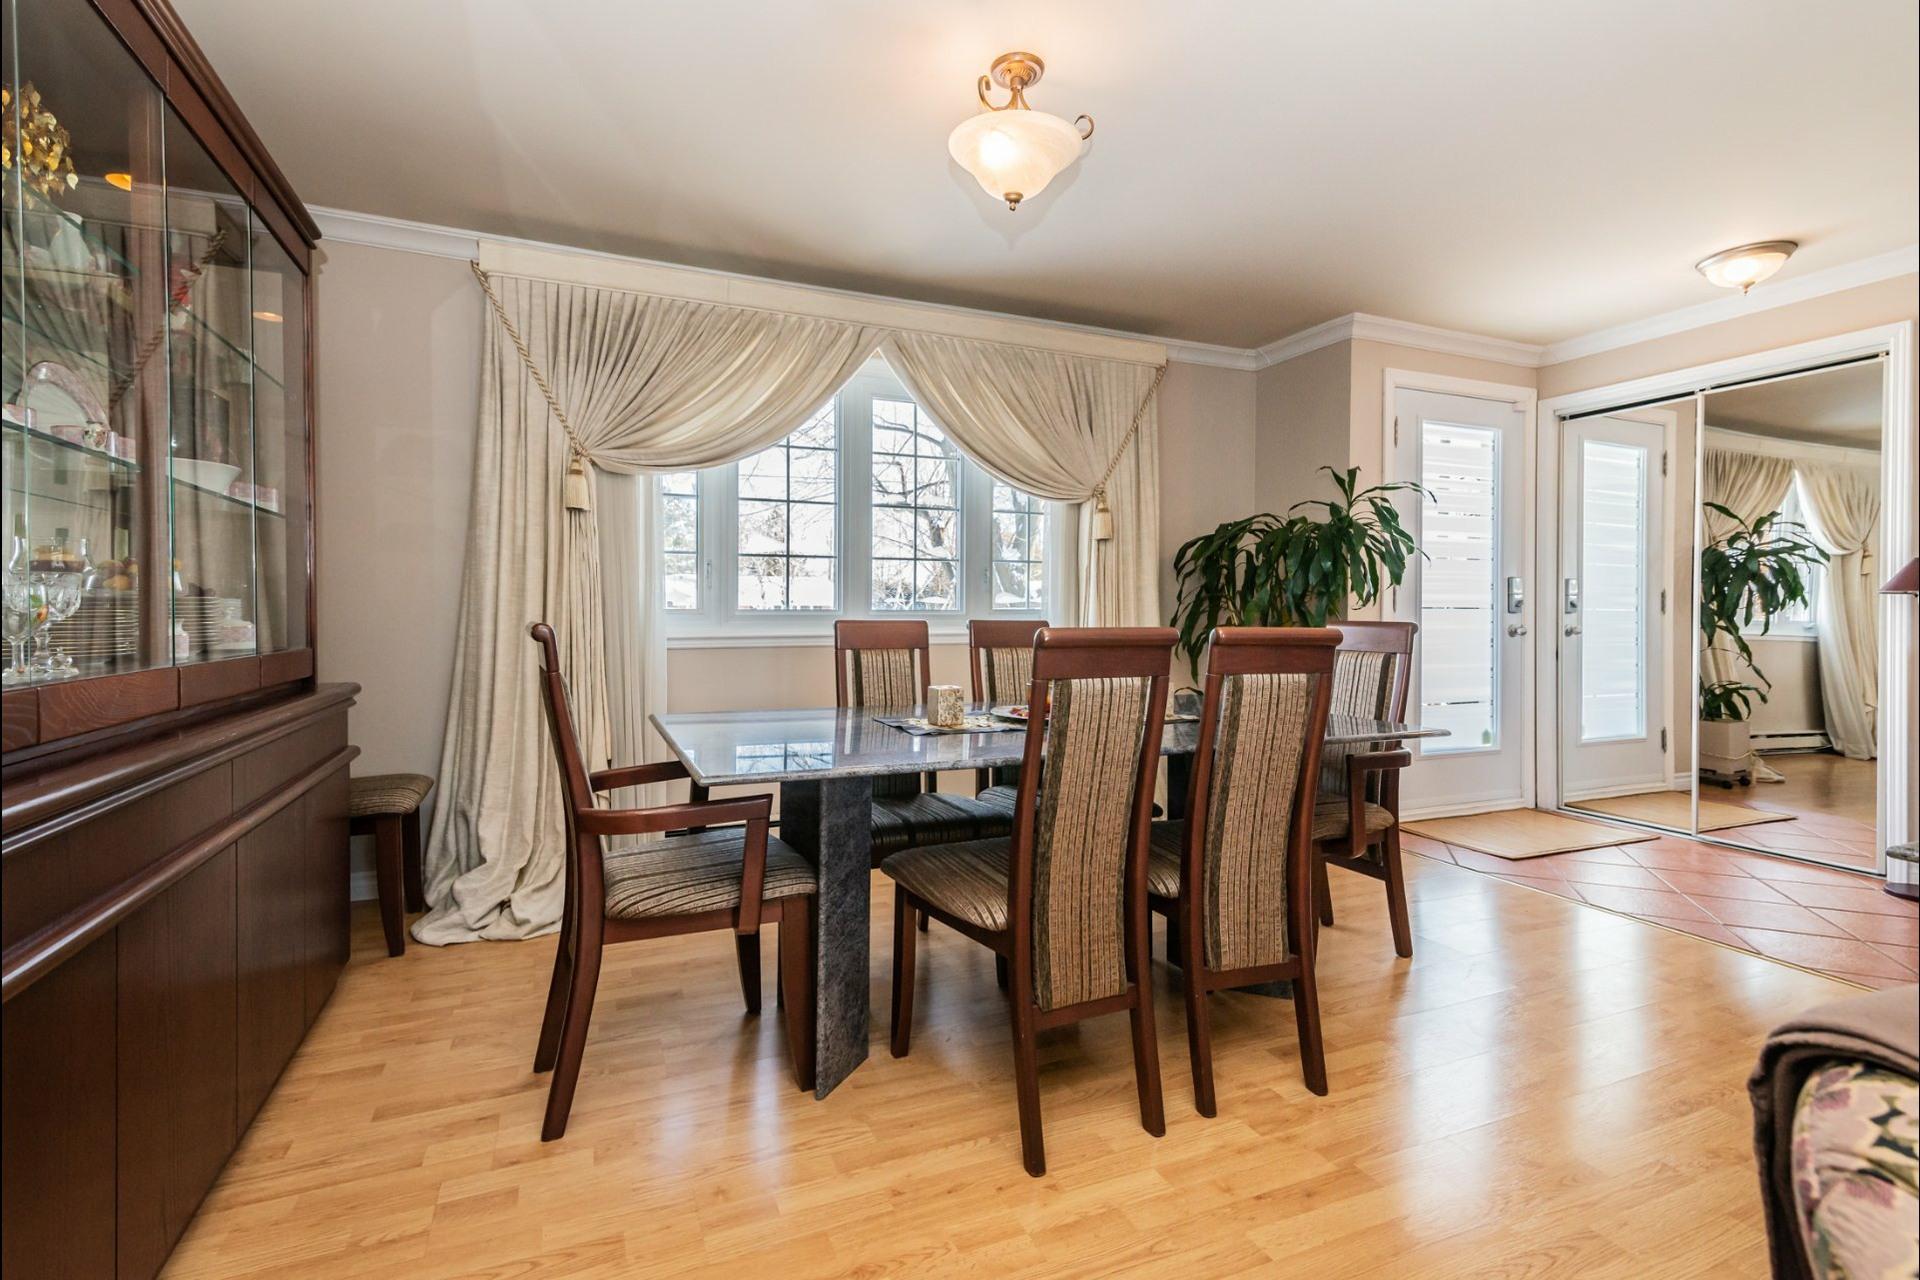 image 11 - House For sale L'Île-Bizard/Sainte-Geneviève Montréal  - 12 rooms